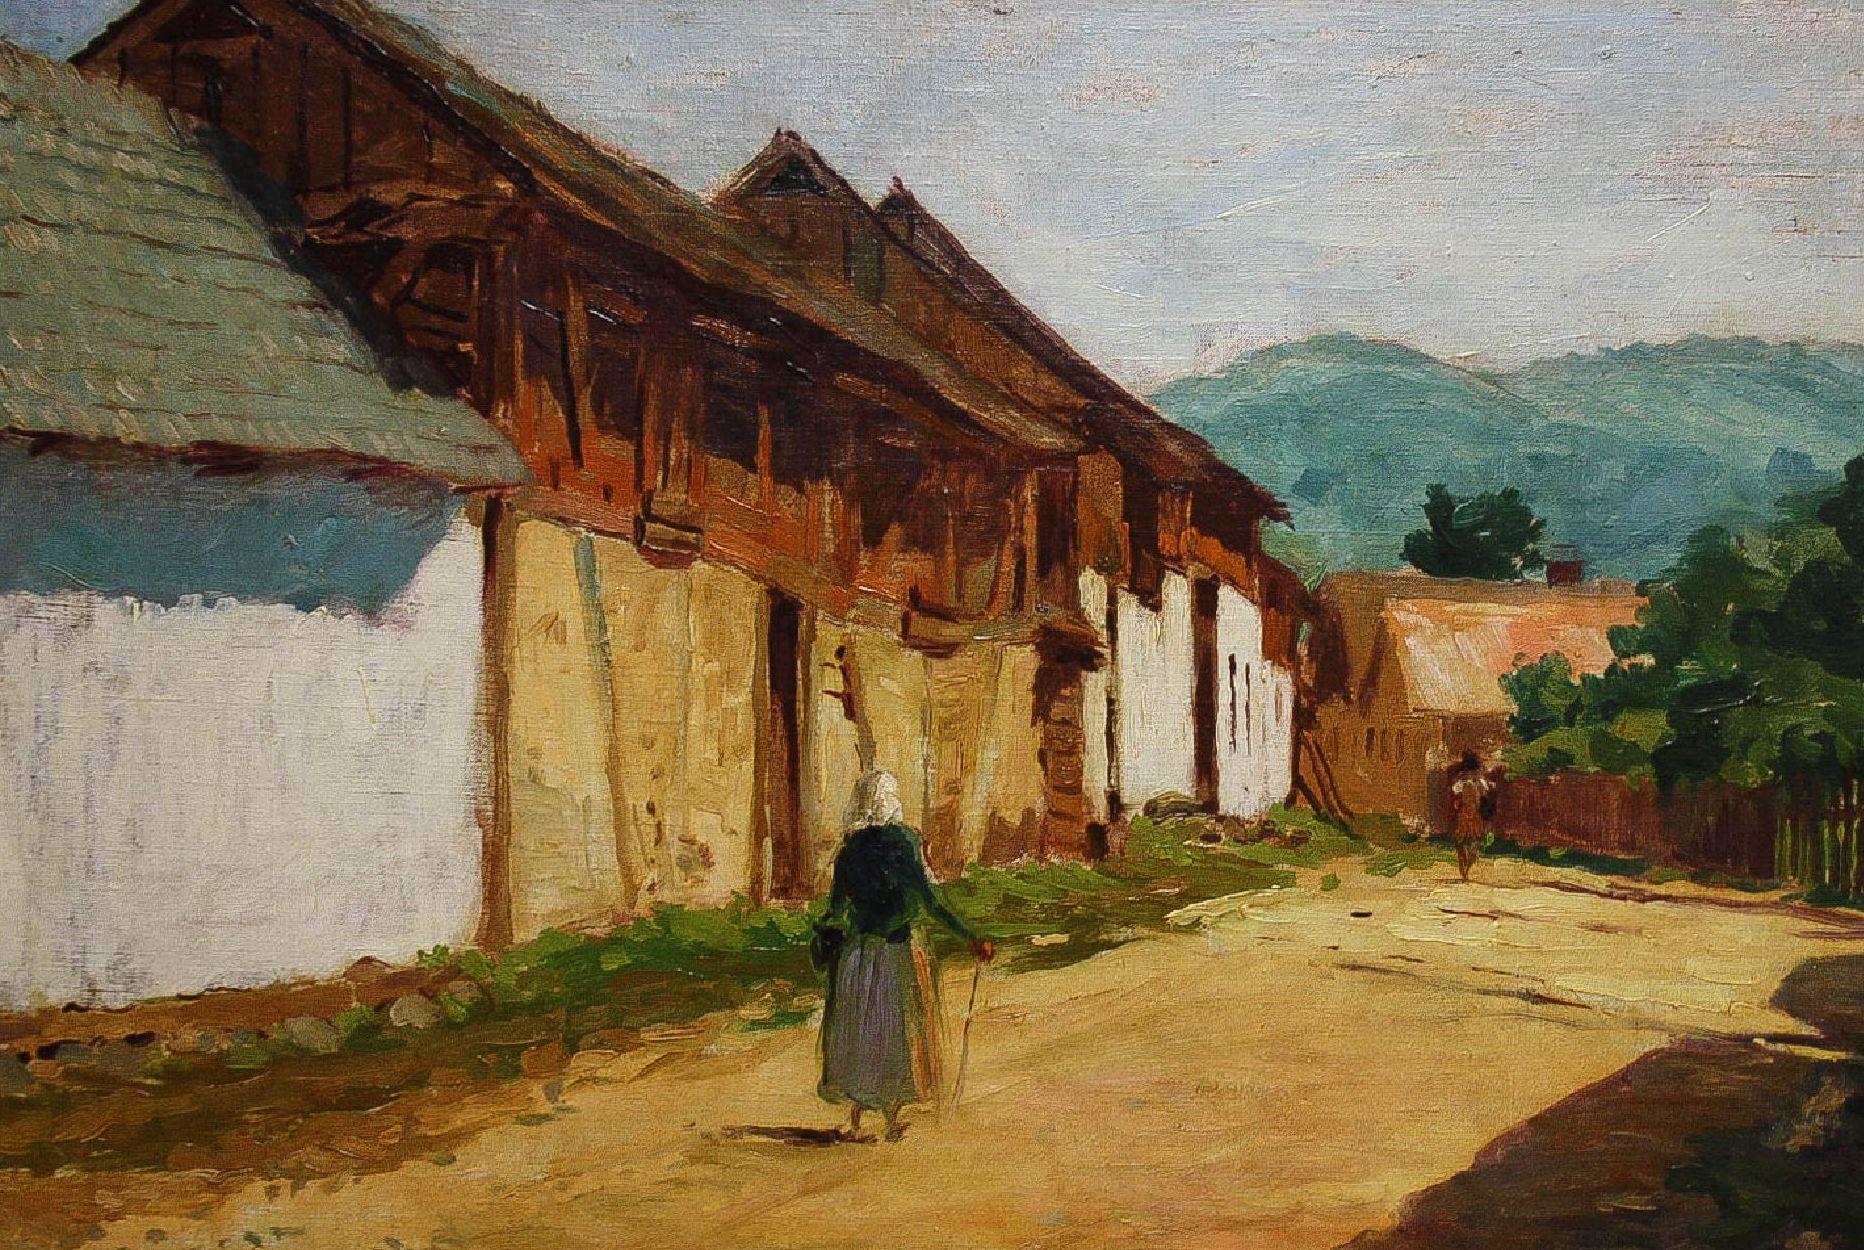 BARÁT Móric, Țărancă pe uliță, 1943